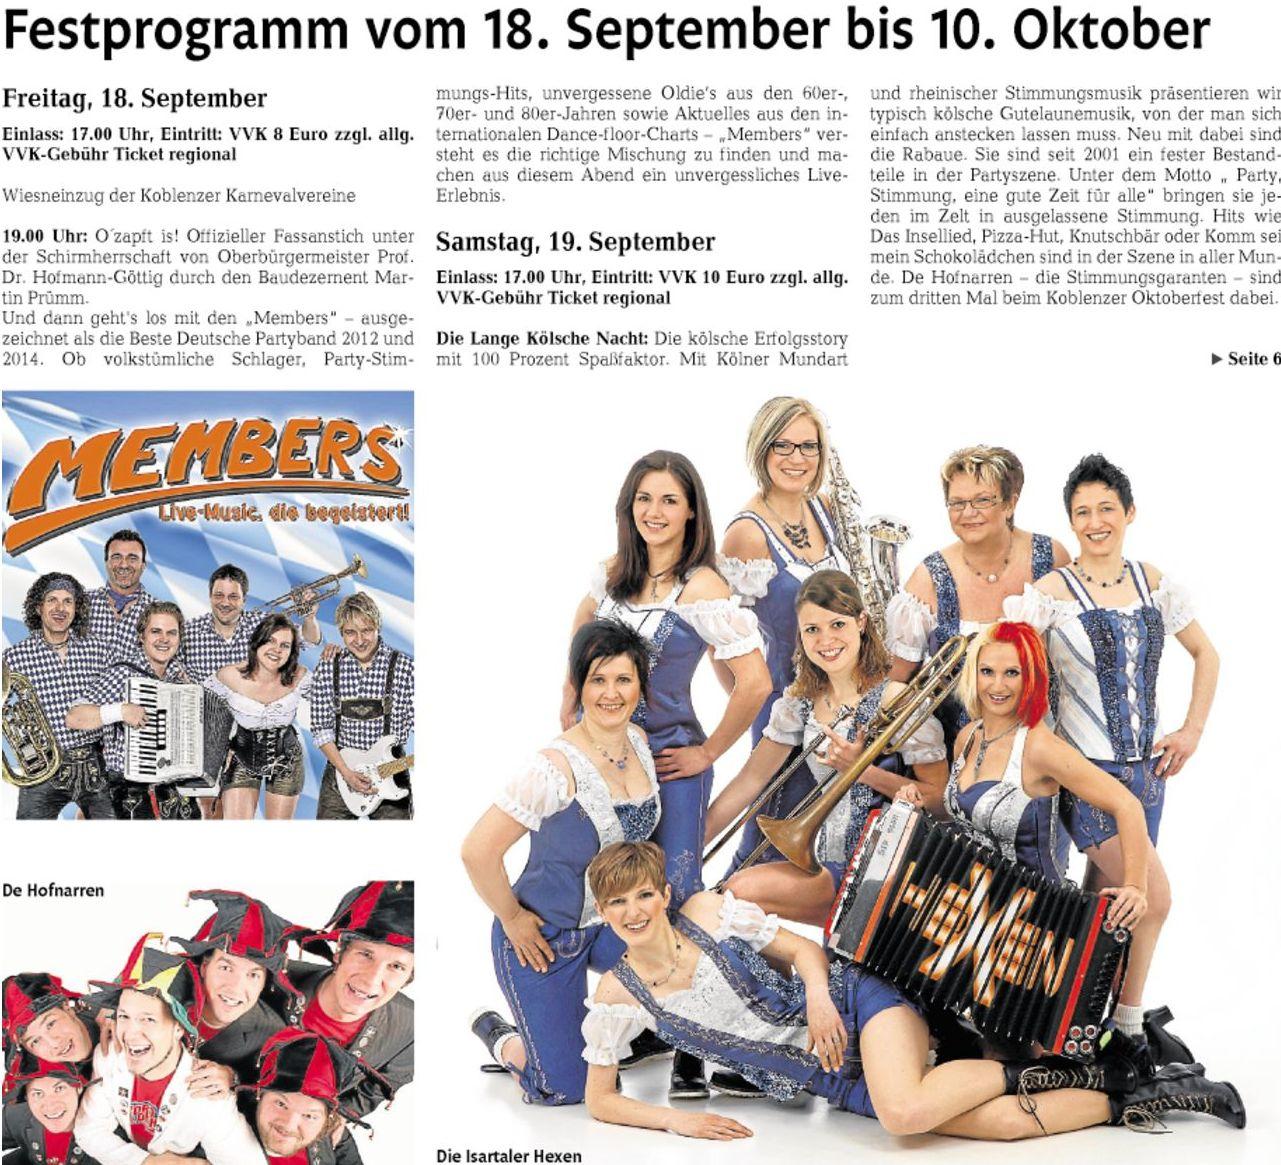 rz 29.8.2015, S. 91 Wiesenanzapf3ca19769687762c7